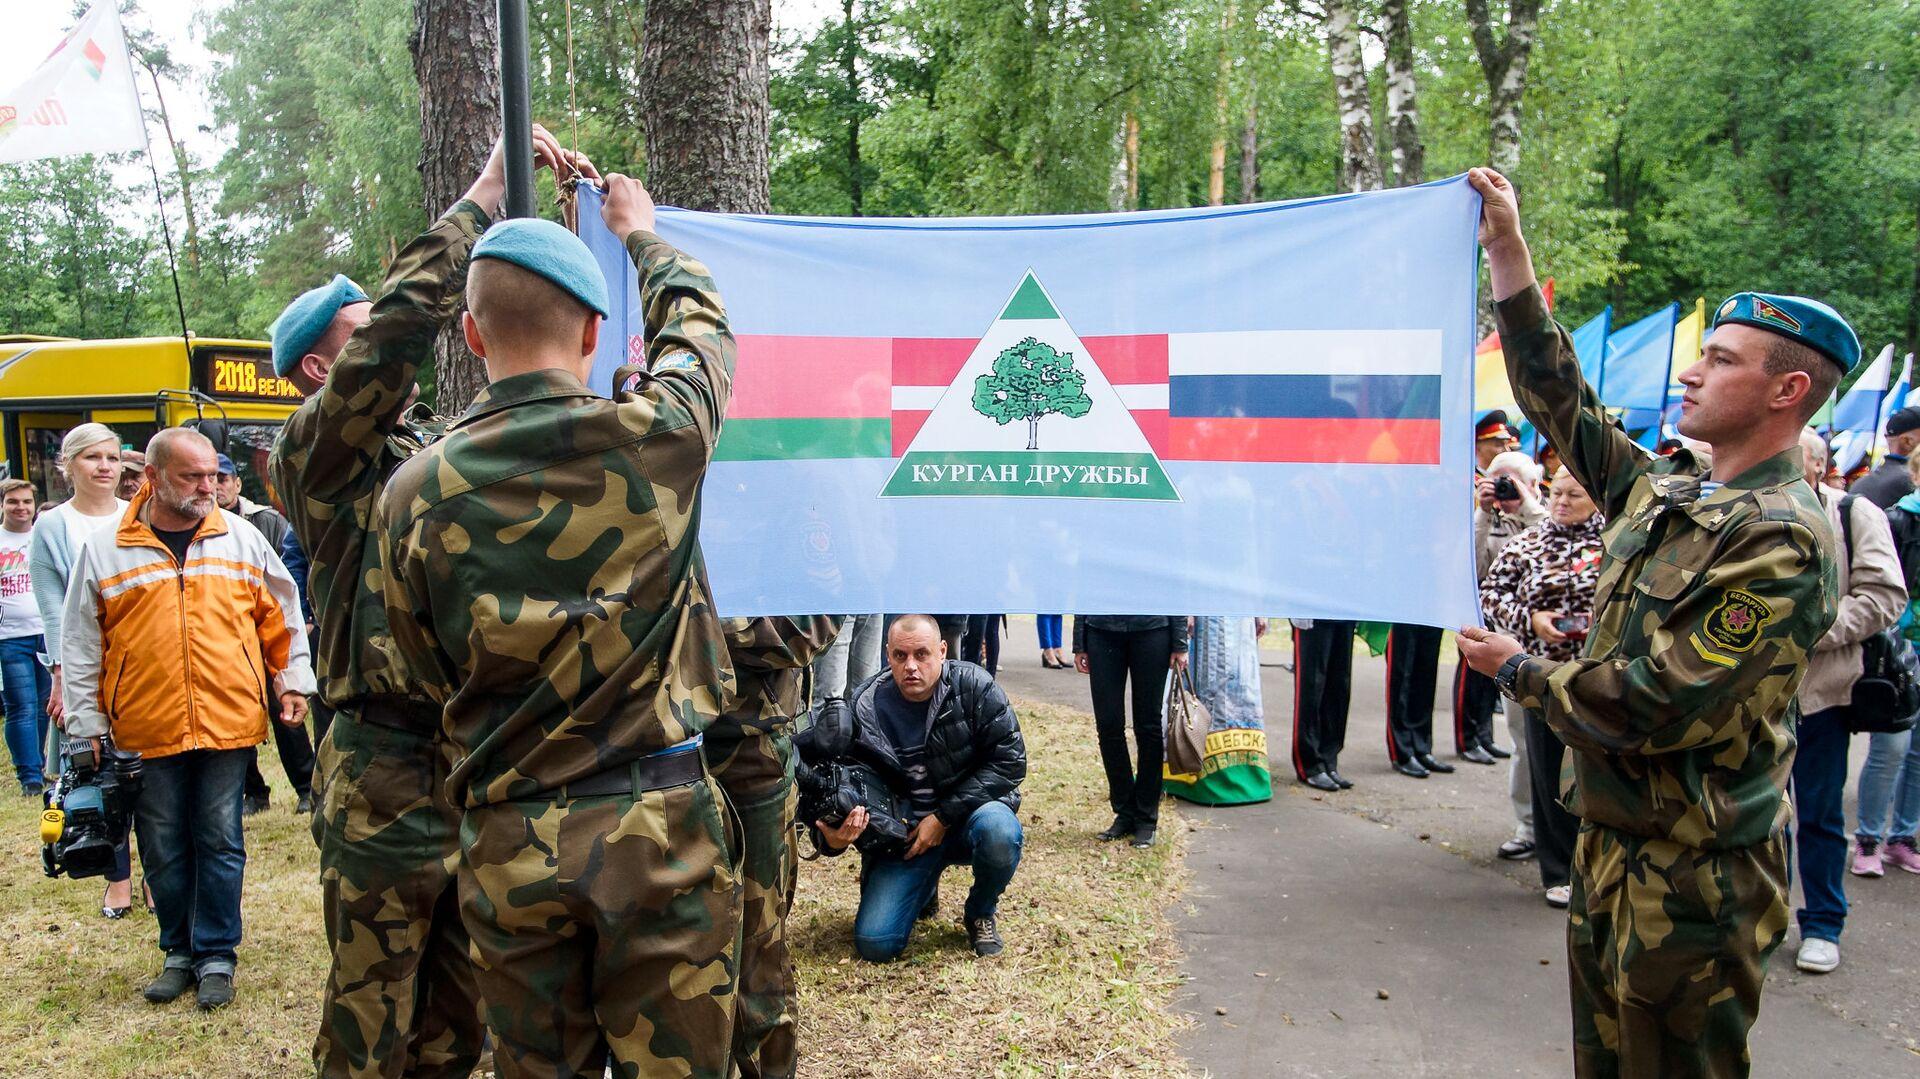 Белорусские десантники с официальным флагом Кургана Дружбы - Sputnik Латвия, 1920, 28.07.2021